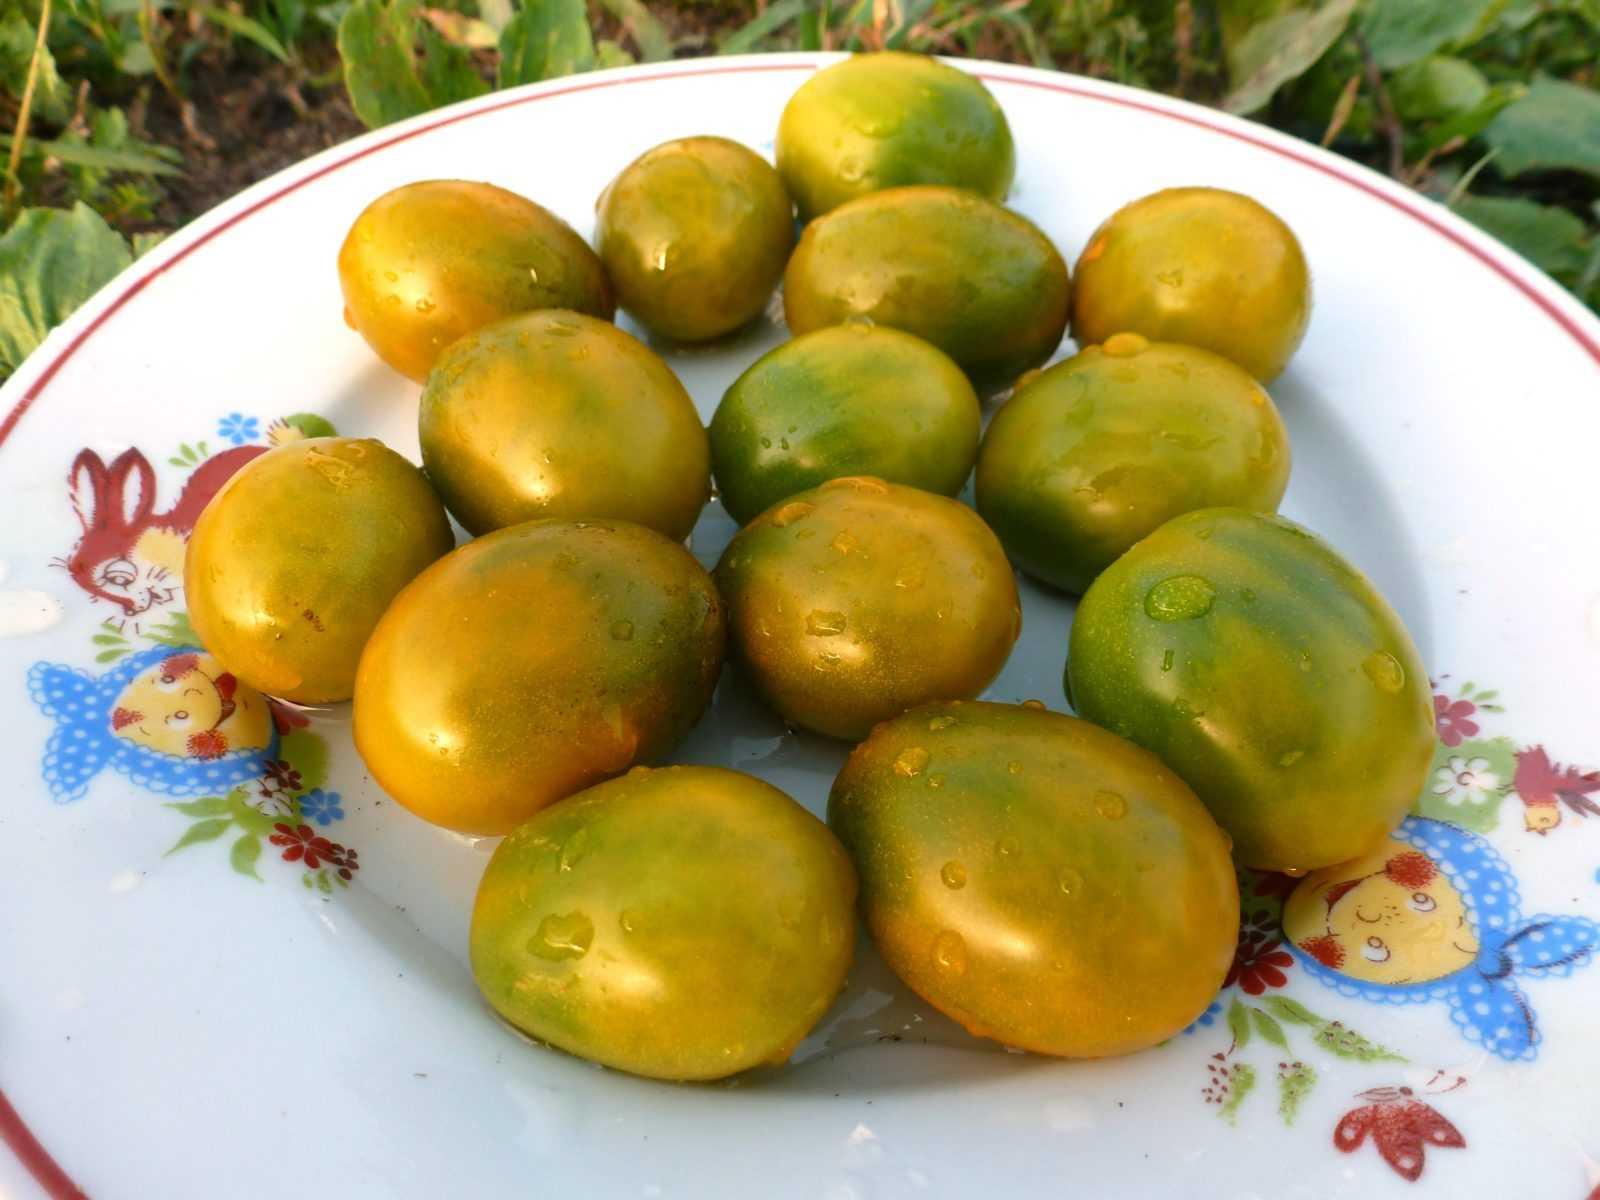 pomidory-cherri-foto-video-luchshie-sorta-opisanie-lichnyj-opyt-vyrashhivaniya-63